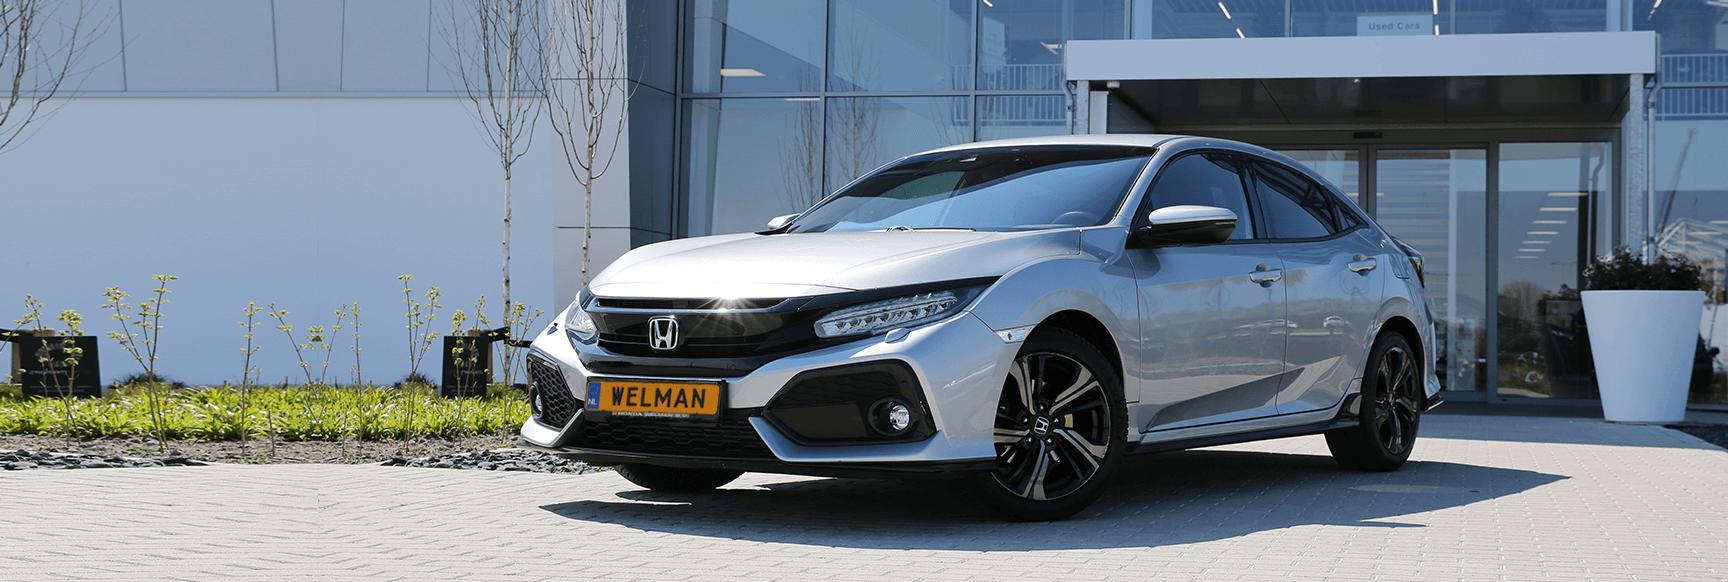 HR-V Hybrid